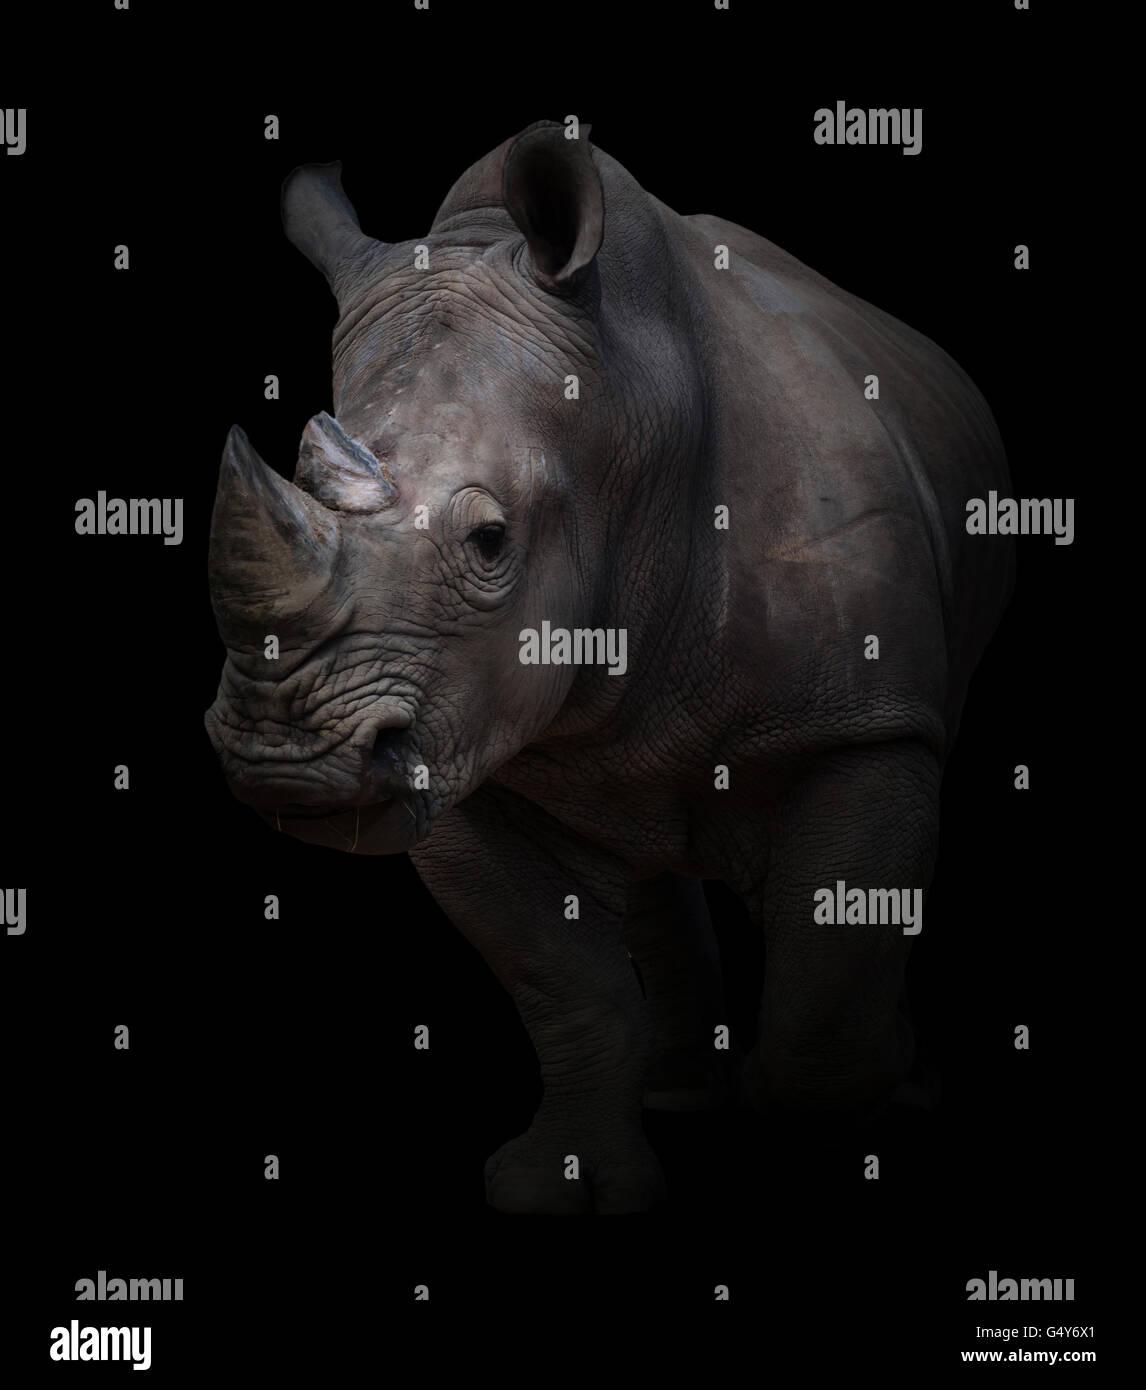 Rinoceronte bianco, quadrato-rhinoceros a labbro in uno sfondo scuro Immagini Stock